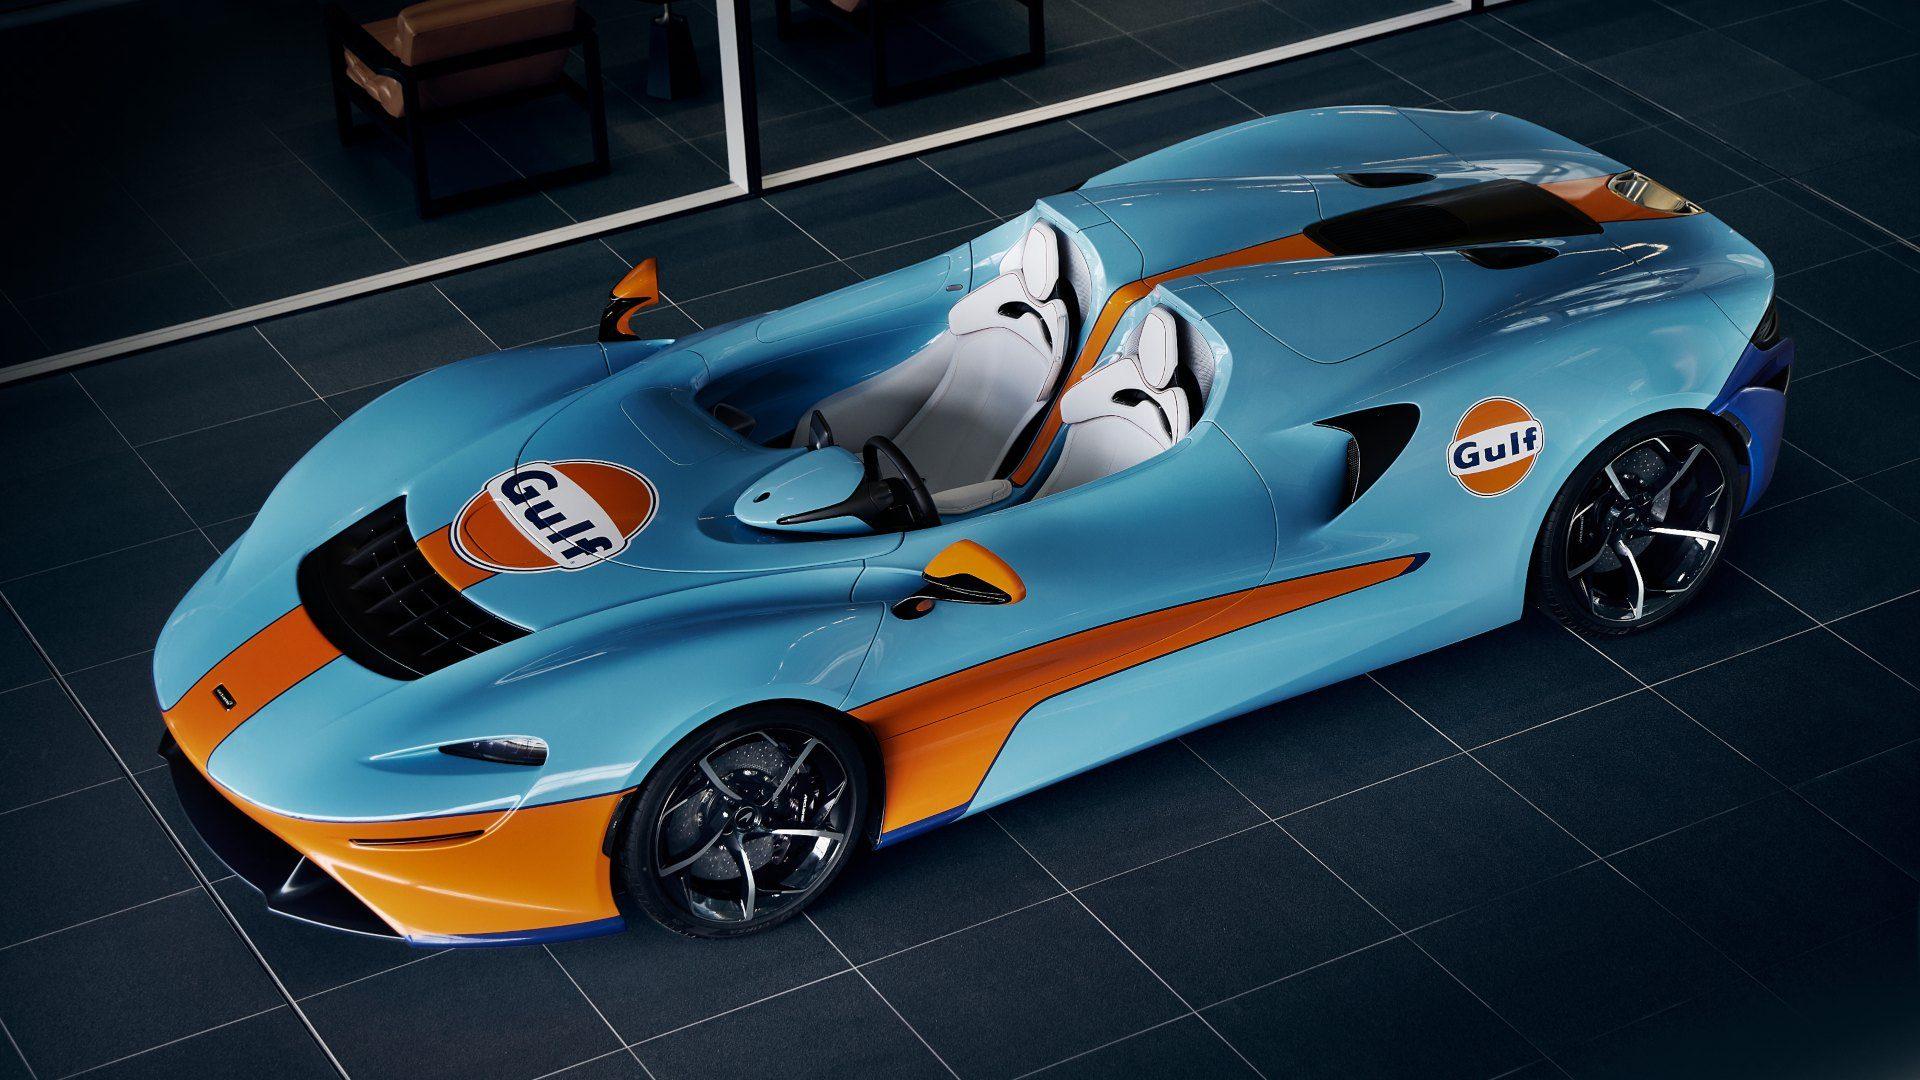 El McLaren Elva Gulf theme by MSO celebra la nueva unión de las dos compañías